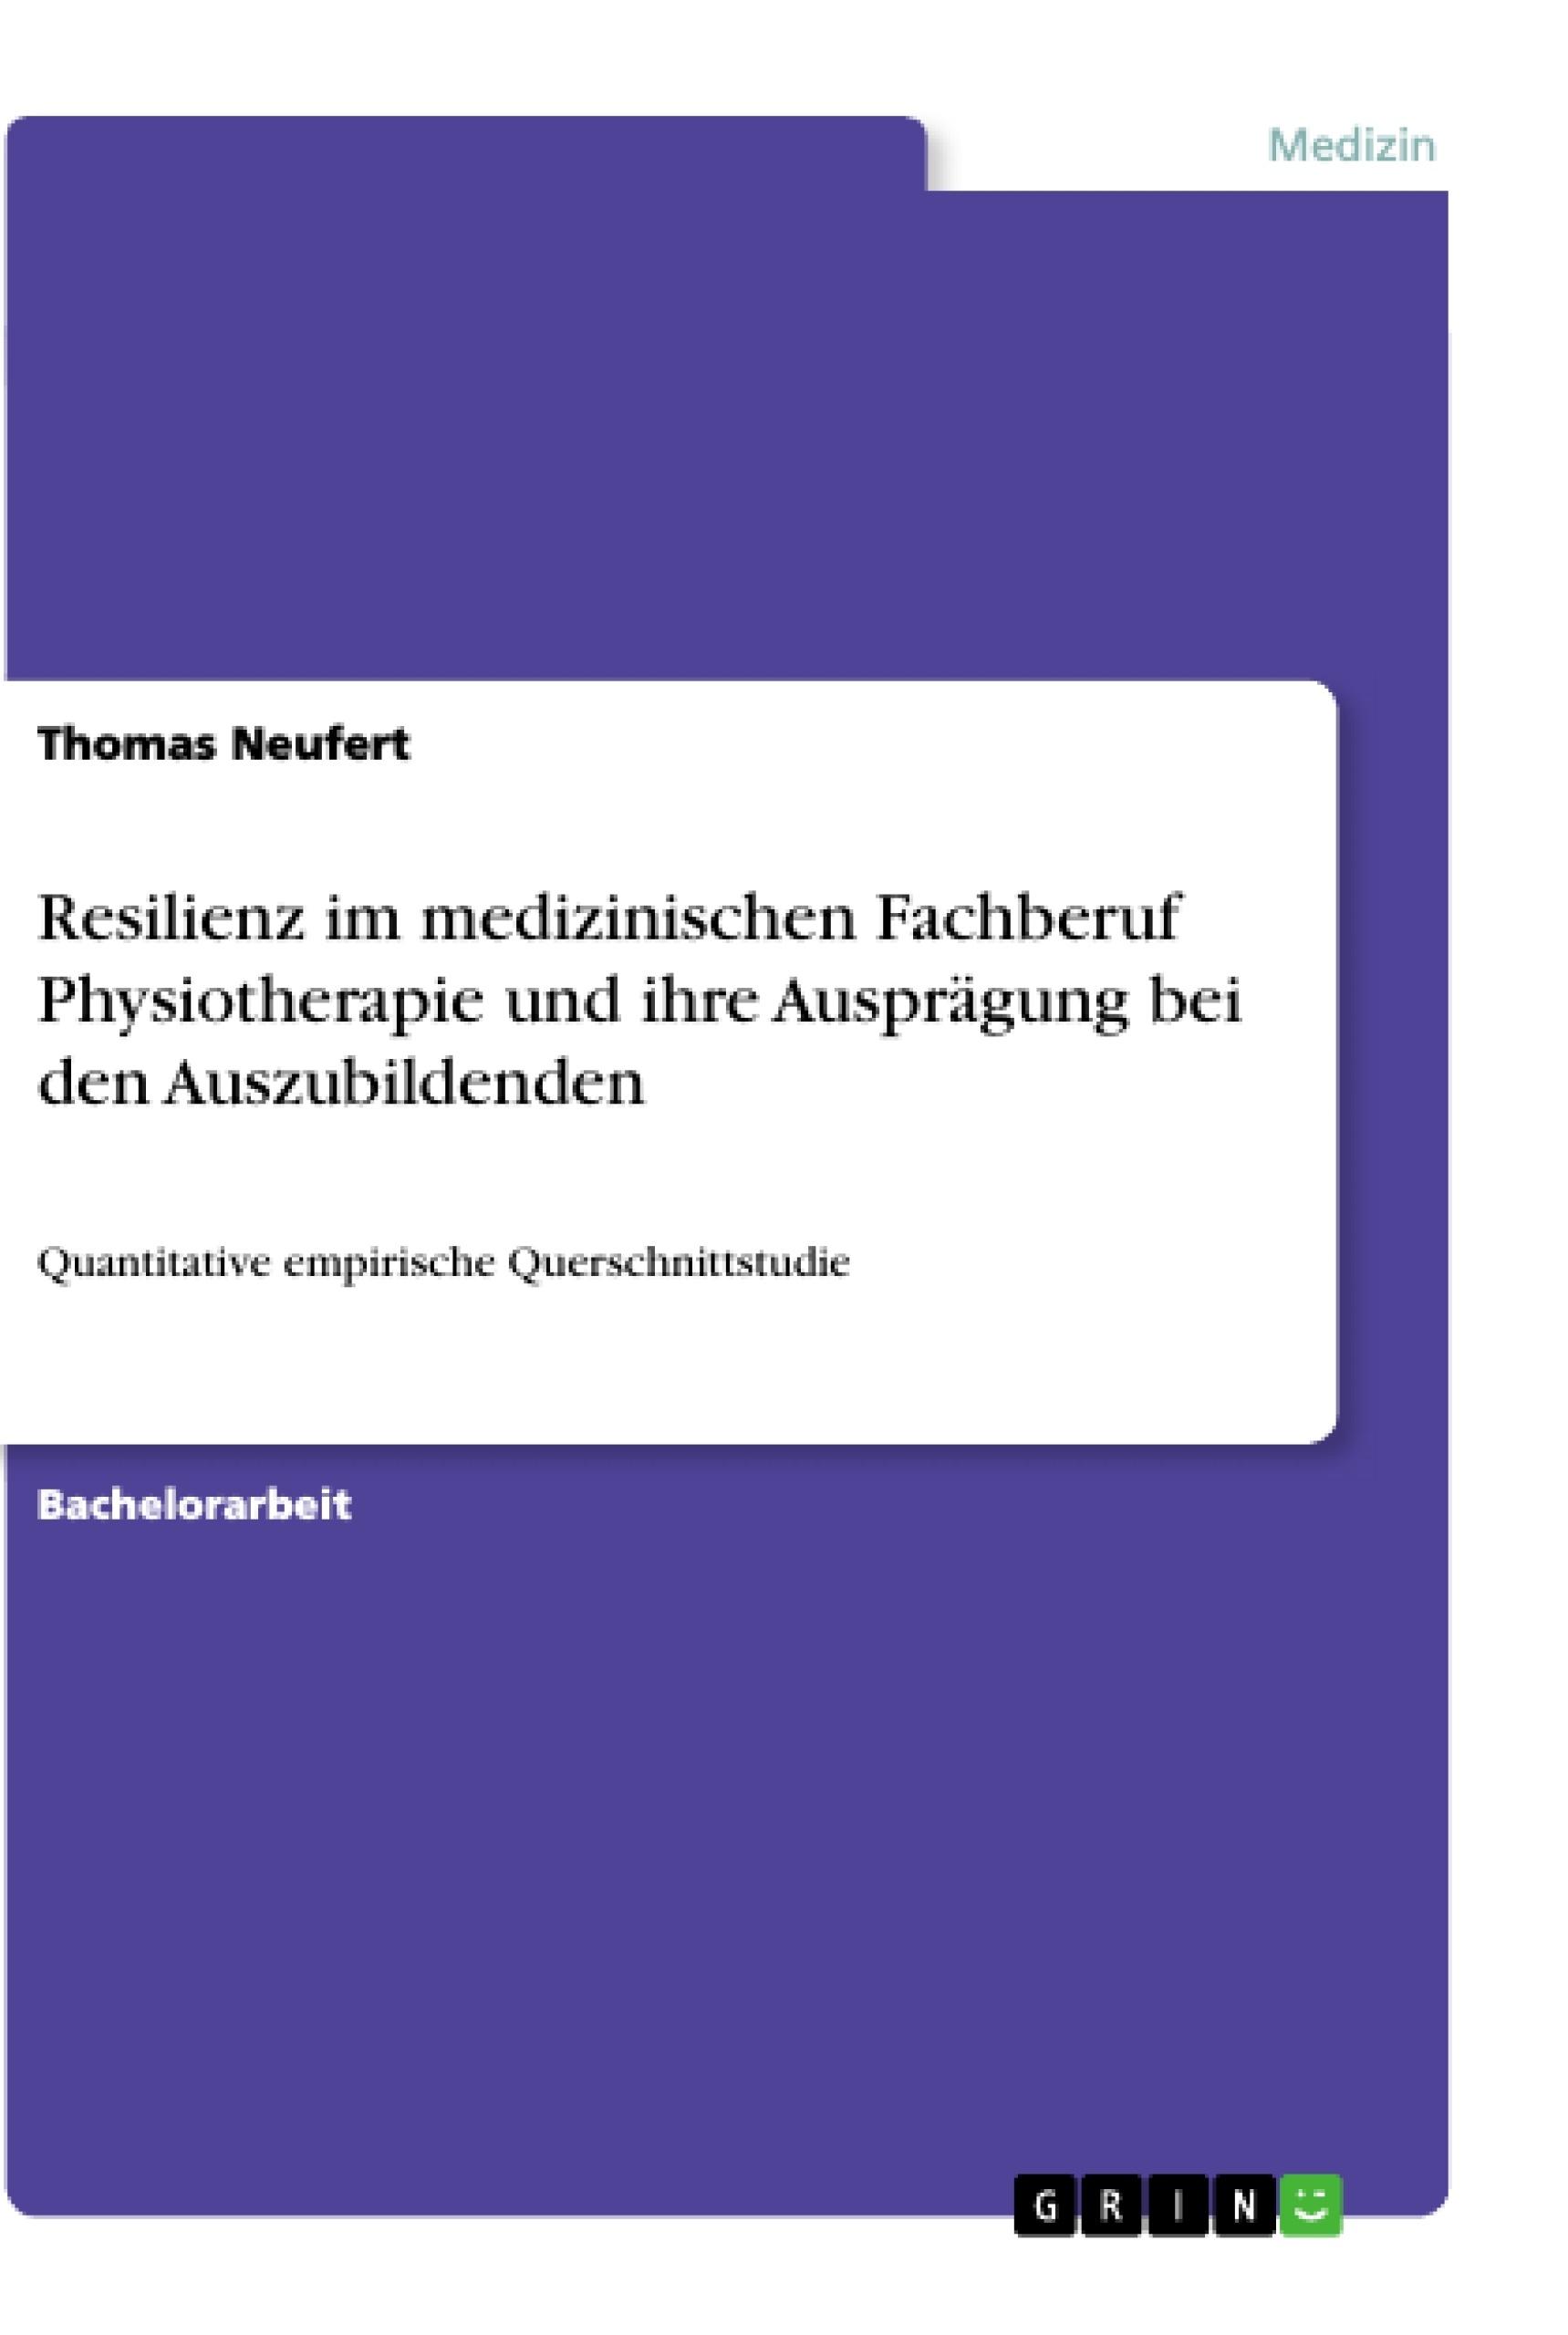 Titel: Resilienz im medizinischen Fachberuf Physiotherapie und ihre Ausprägung bei den Auszubildenden